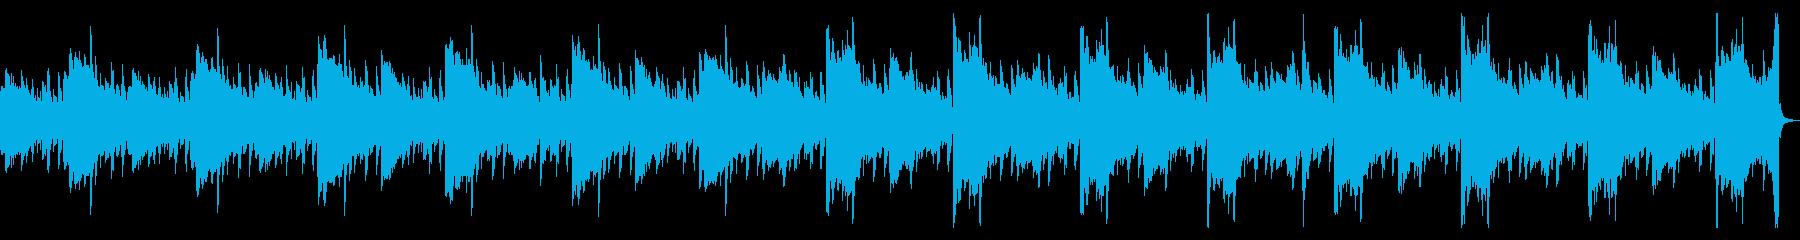 ピアノ・ミニマル・幻想的・風景の再生済みの波形